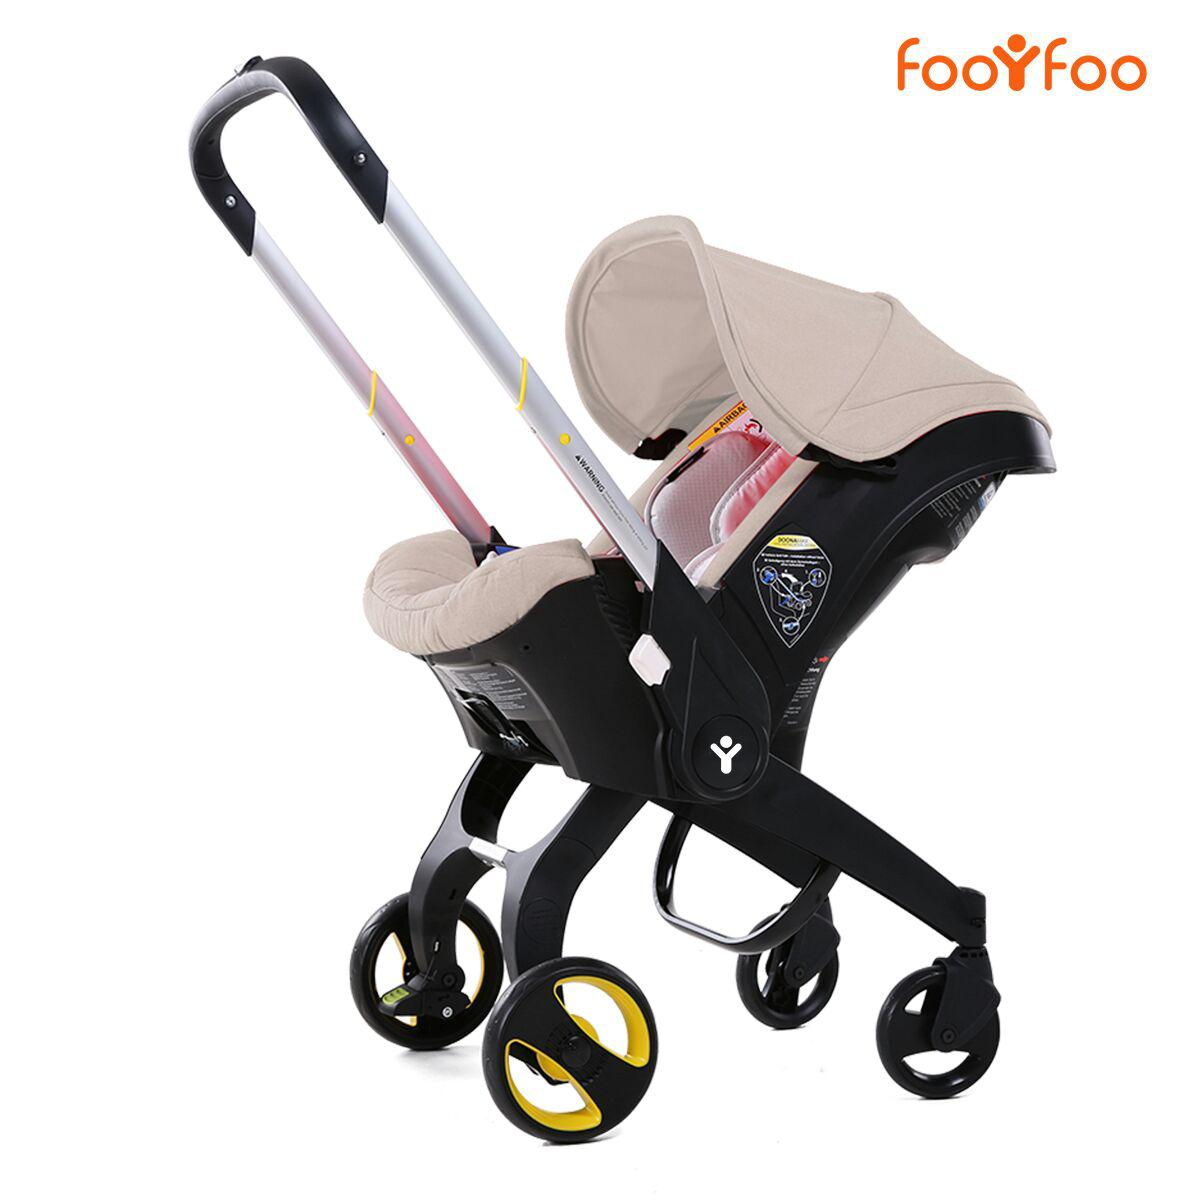 Детская коляска-автокресло FooFoo Бежевая